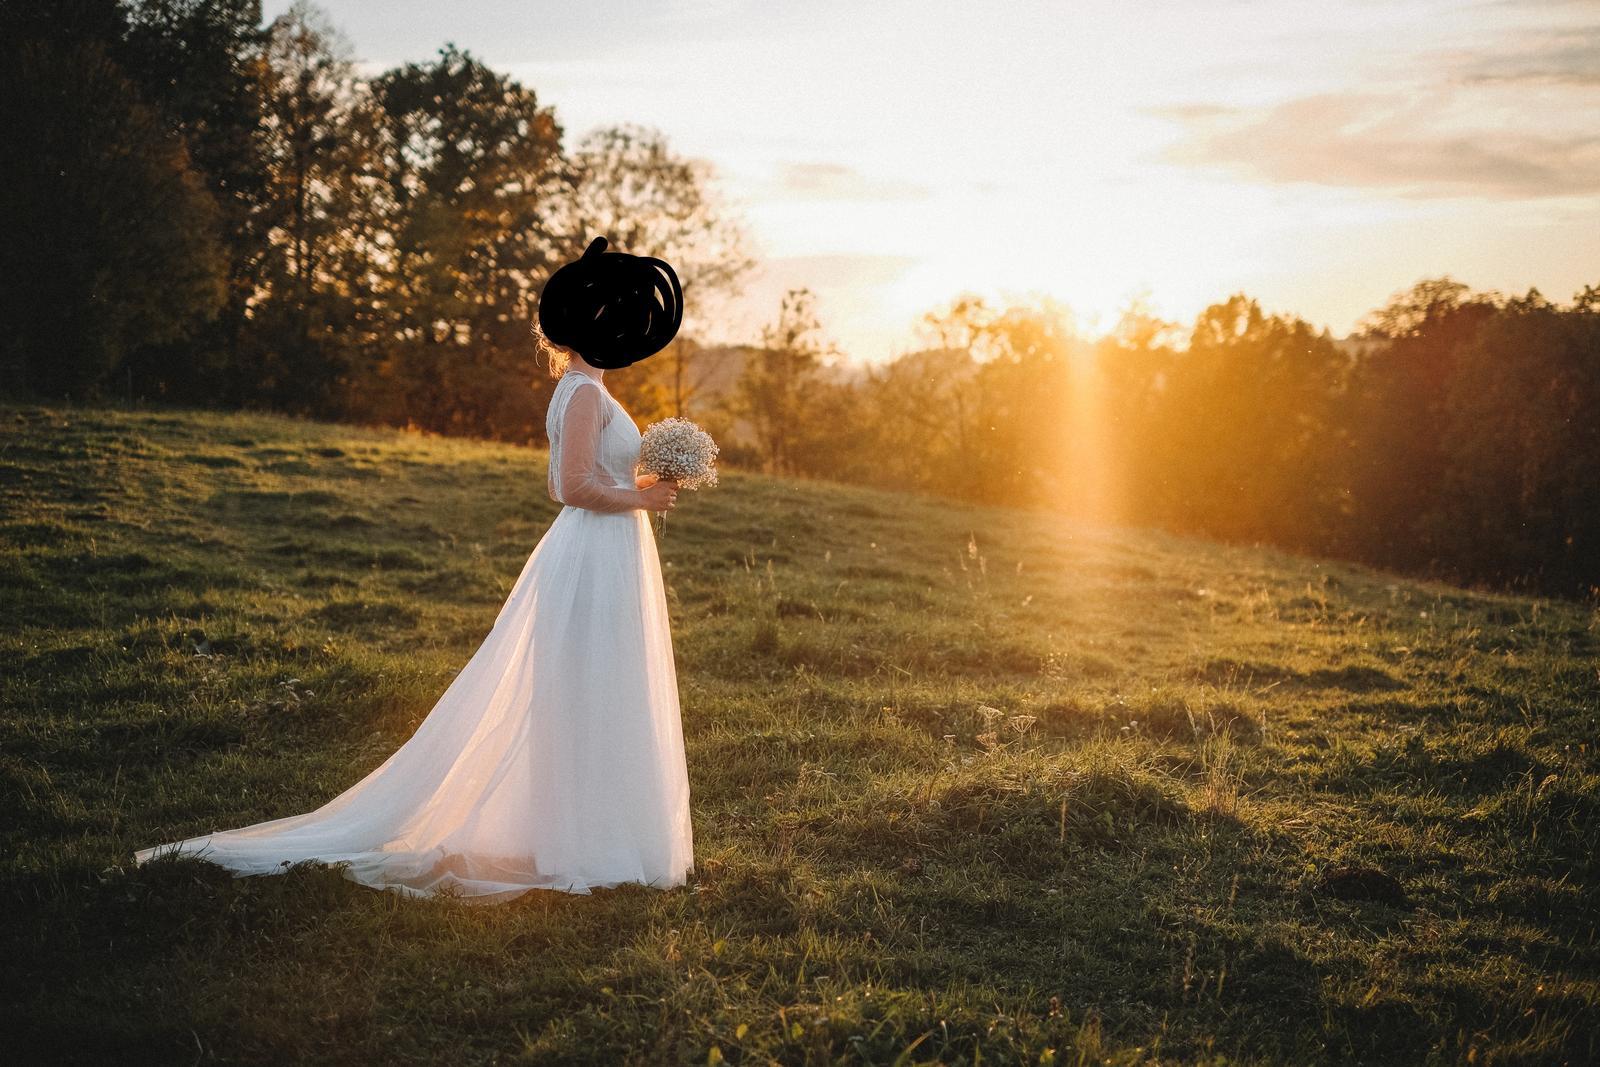 Svatební šaty s vlečkou, korálky a holými zády - Obrázek č. 1